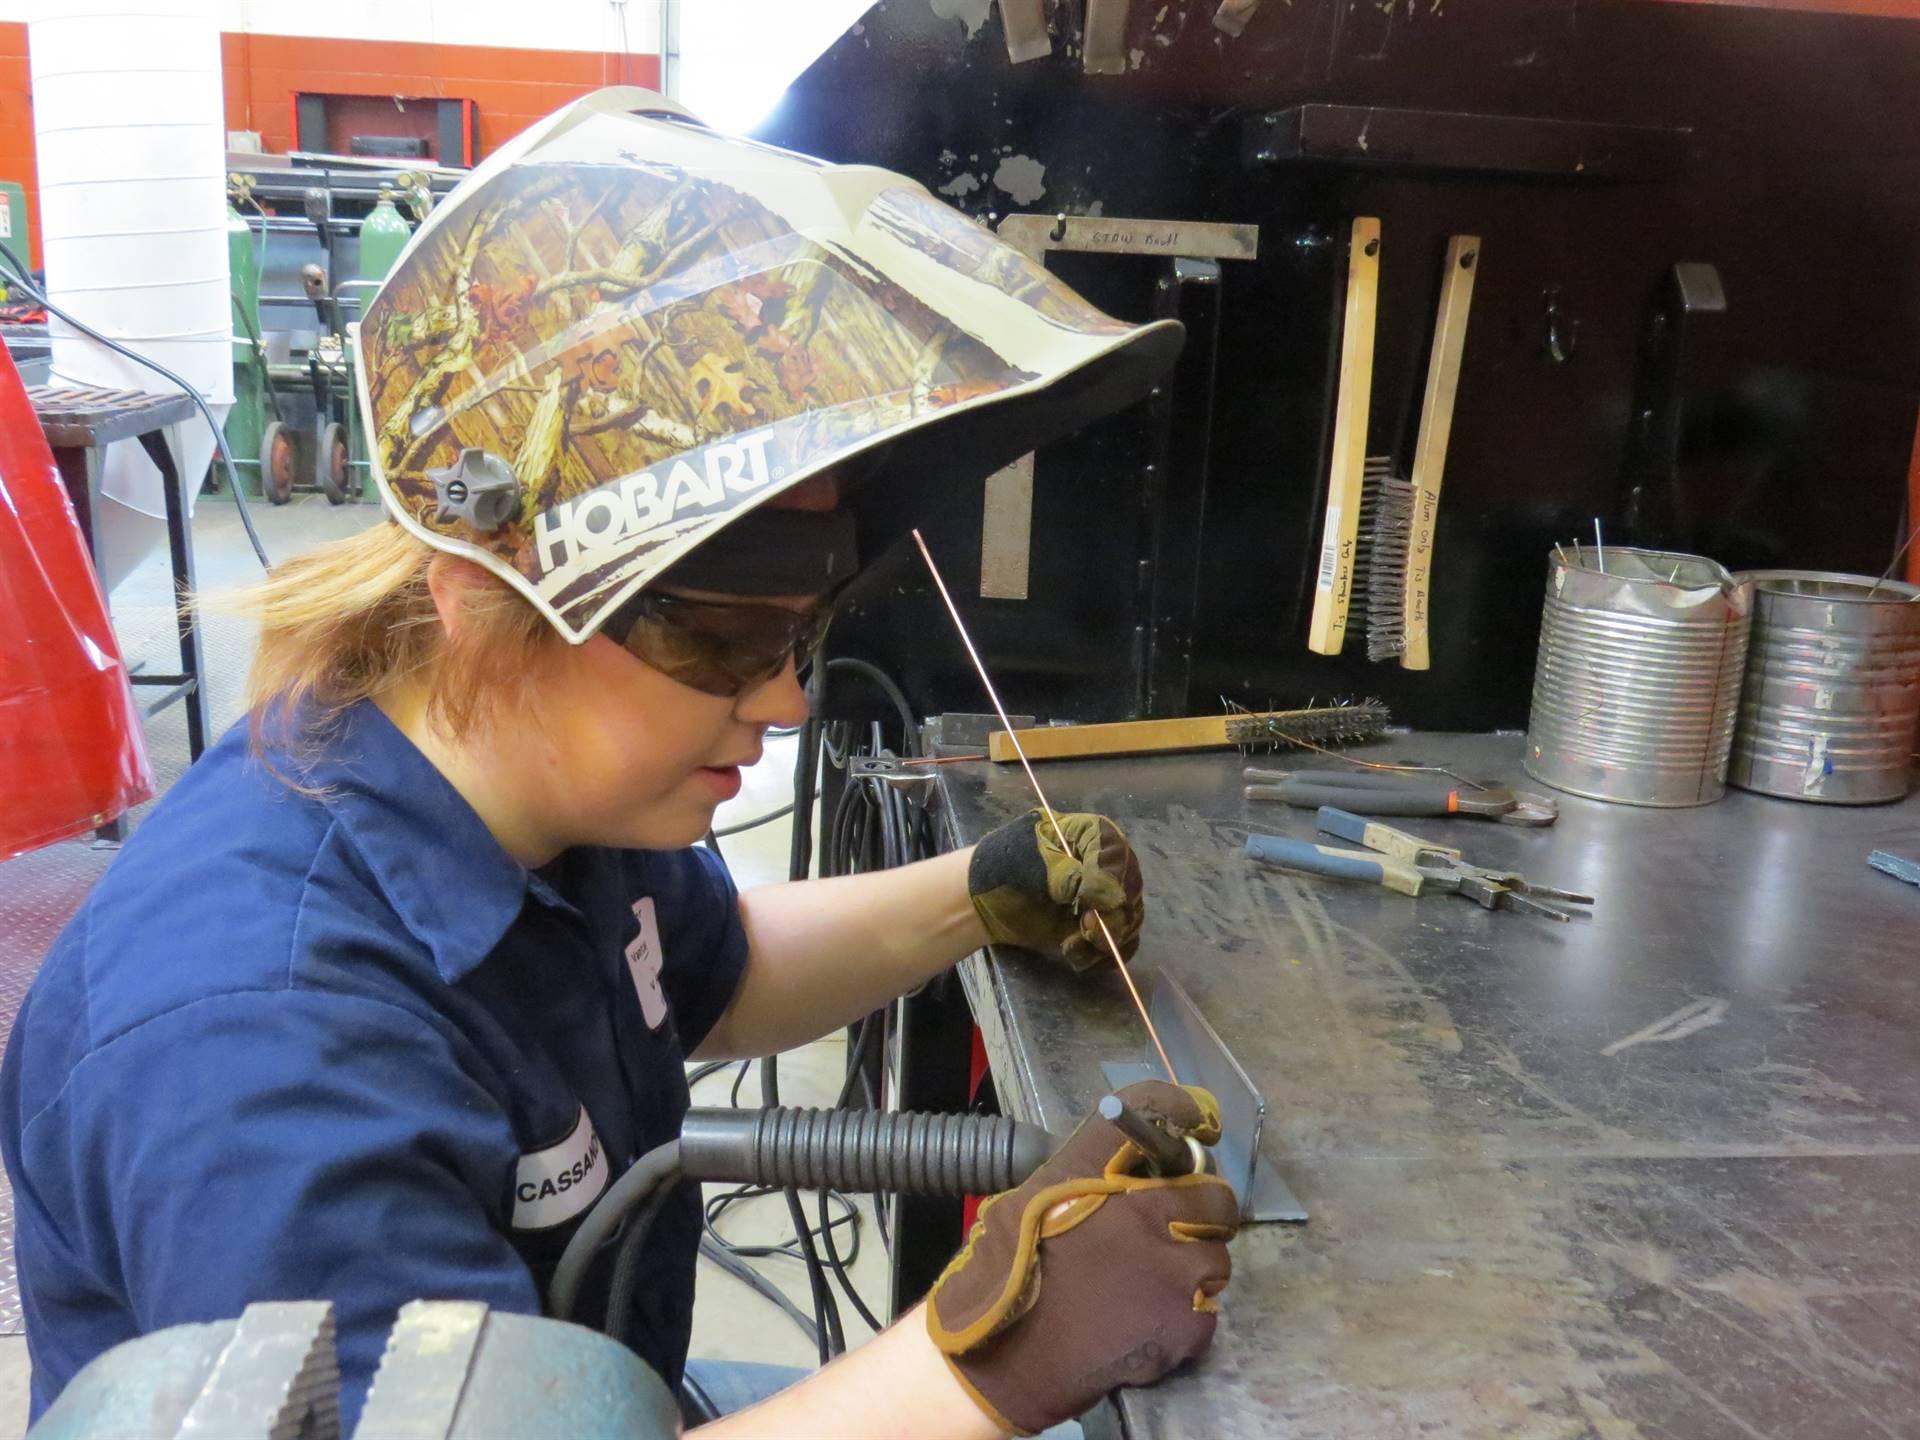 Female Welding student in camouflage welding helmet preparing to weld